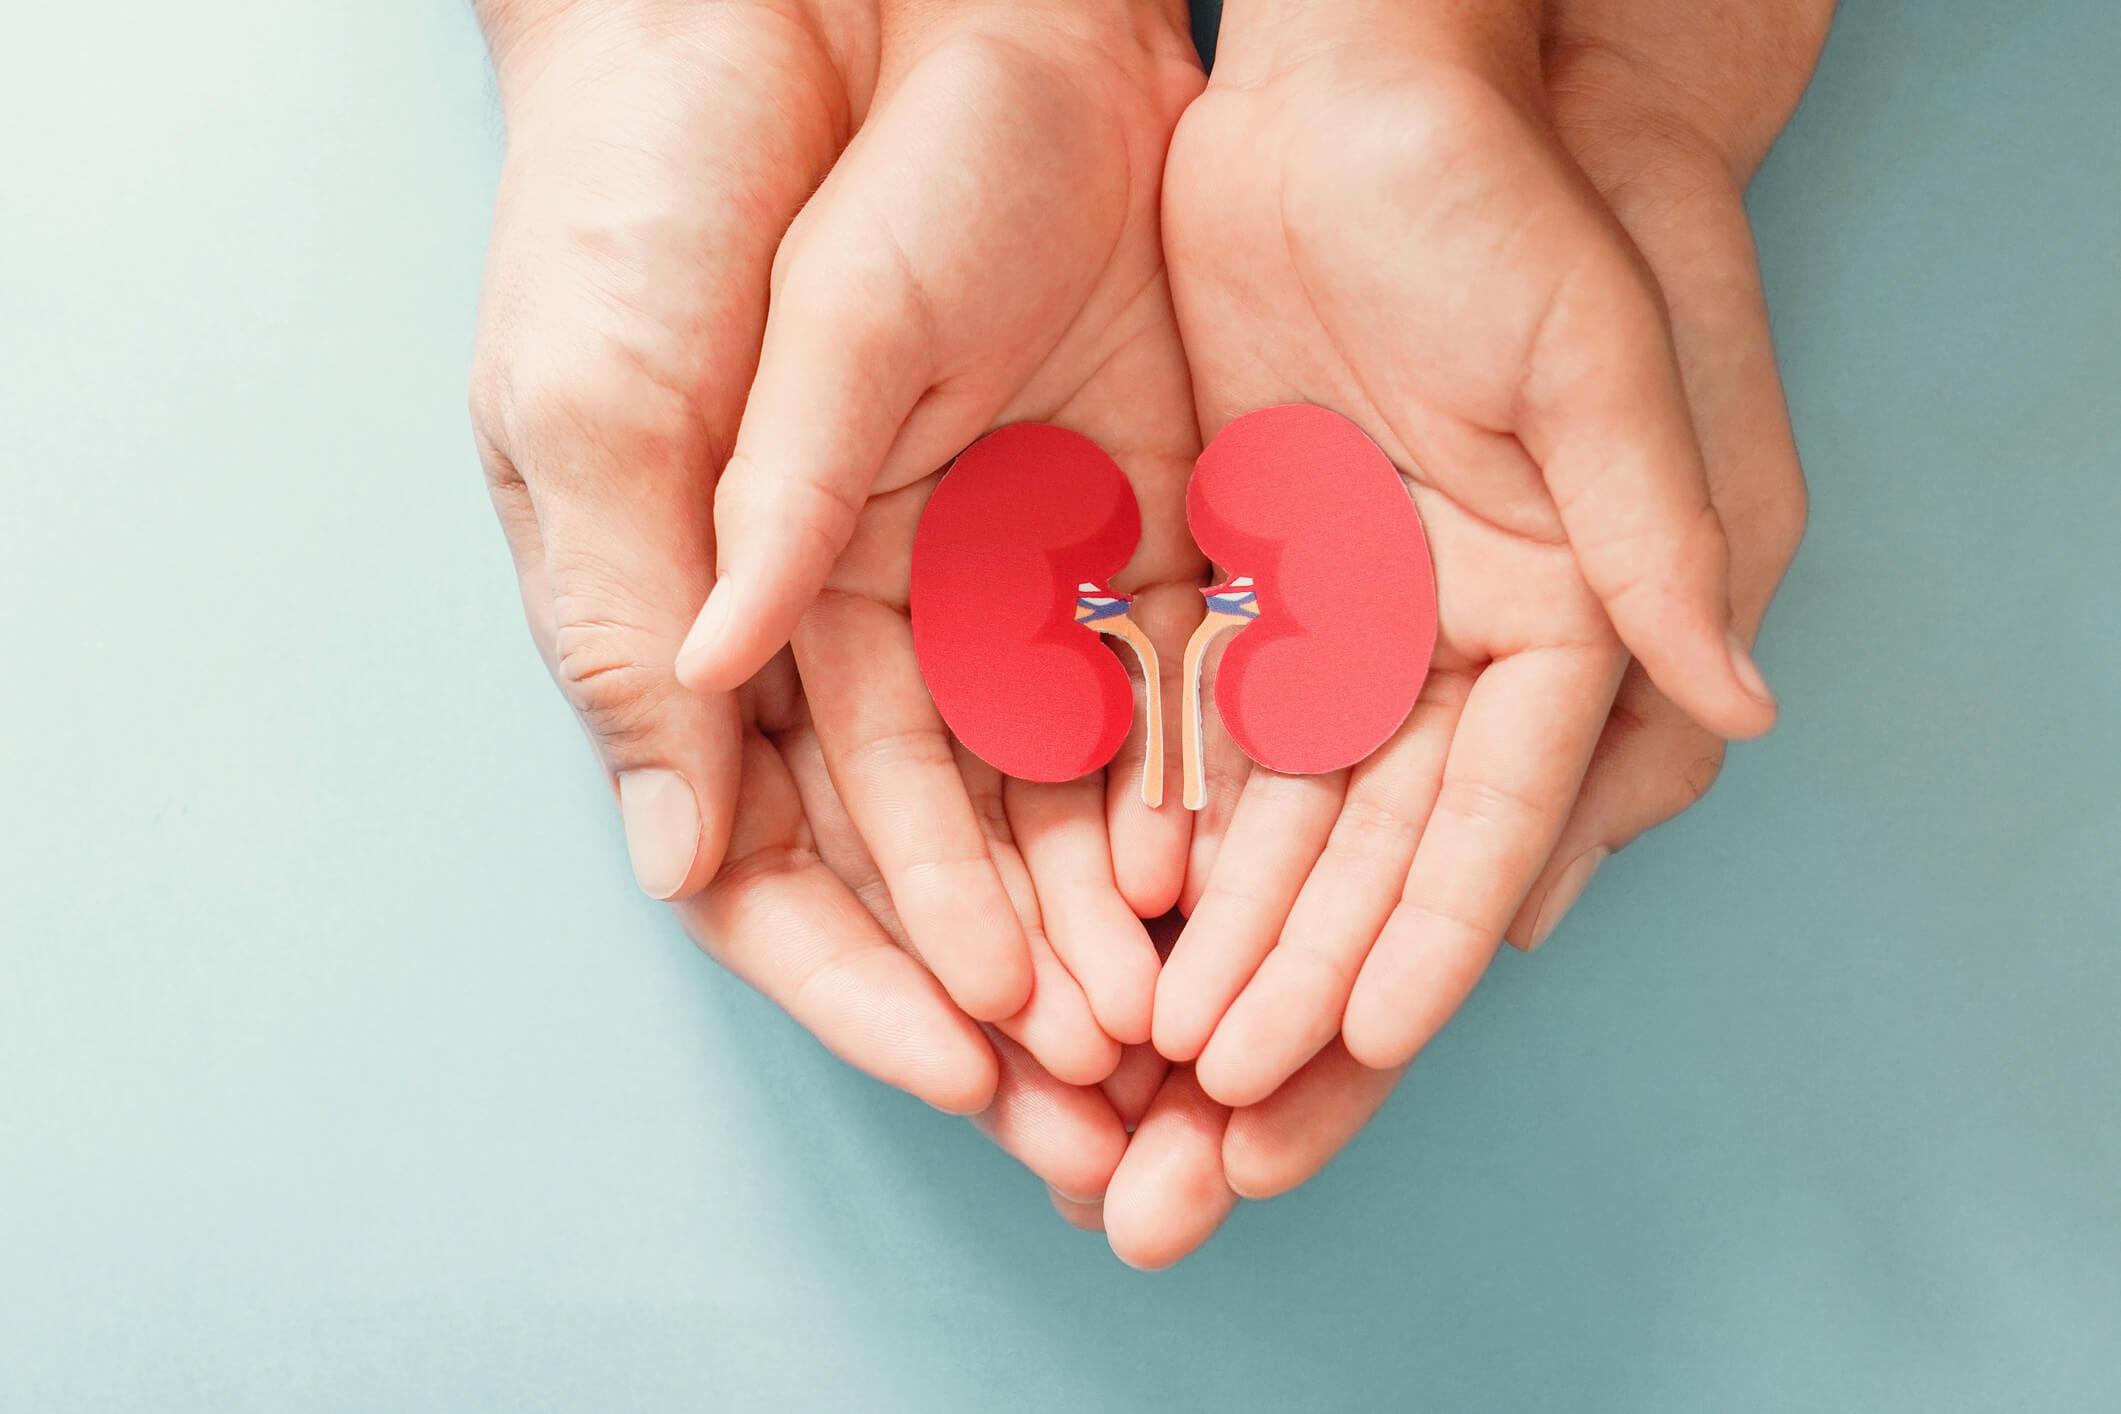 Kinderurologie und Nierentransplantation bei Kindern - Titelbild